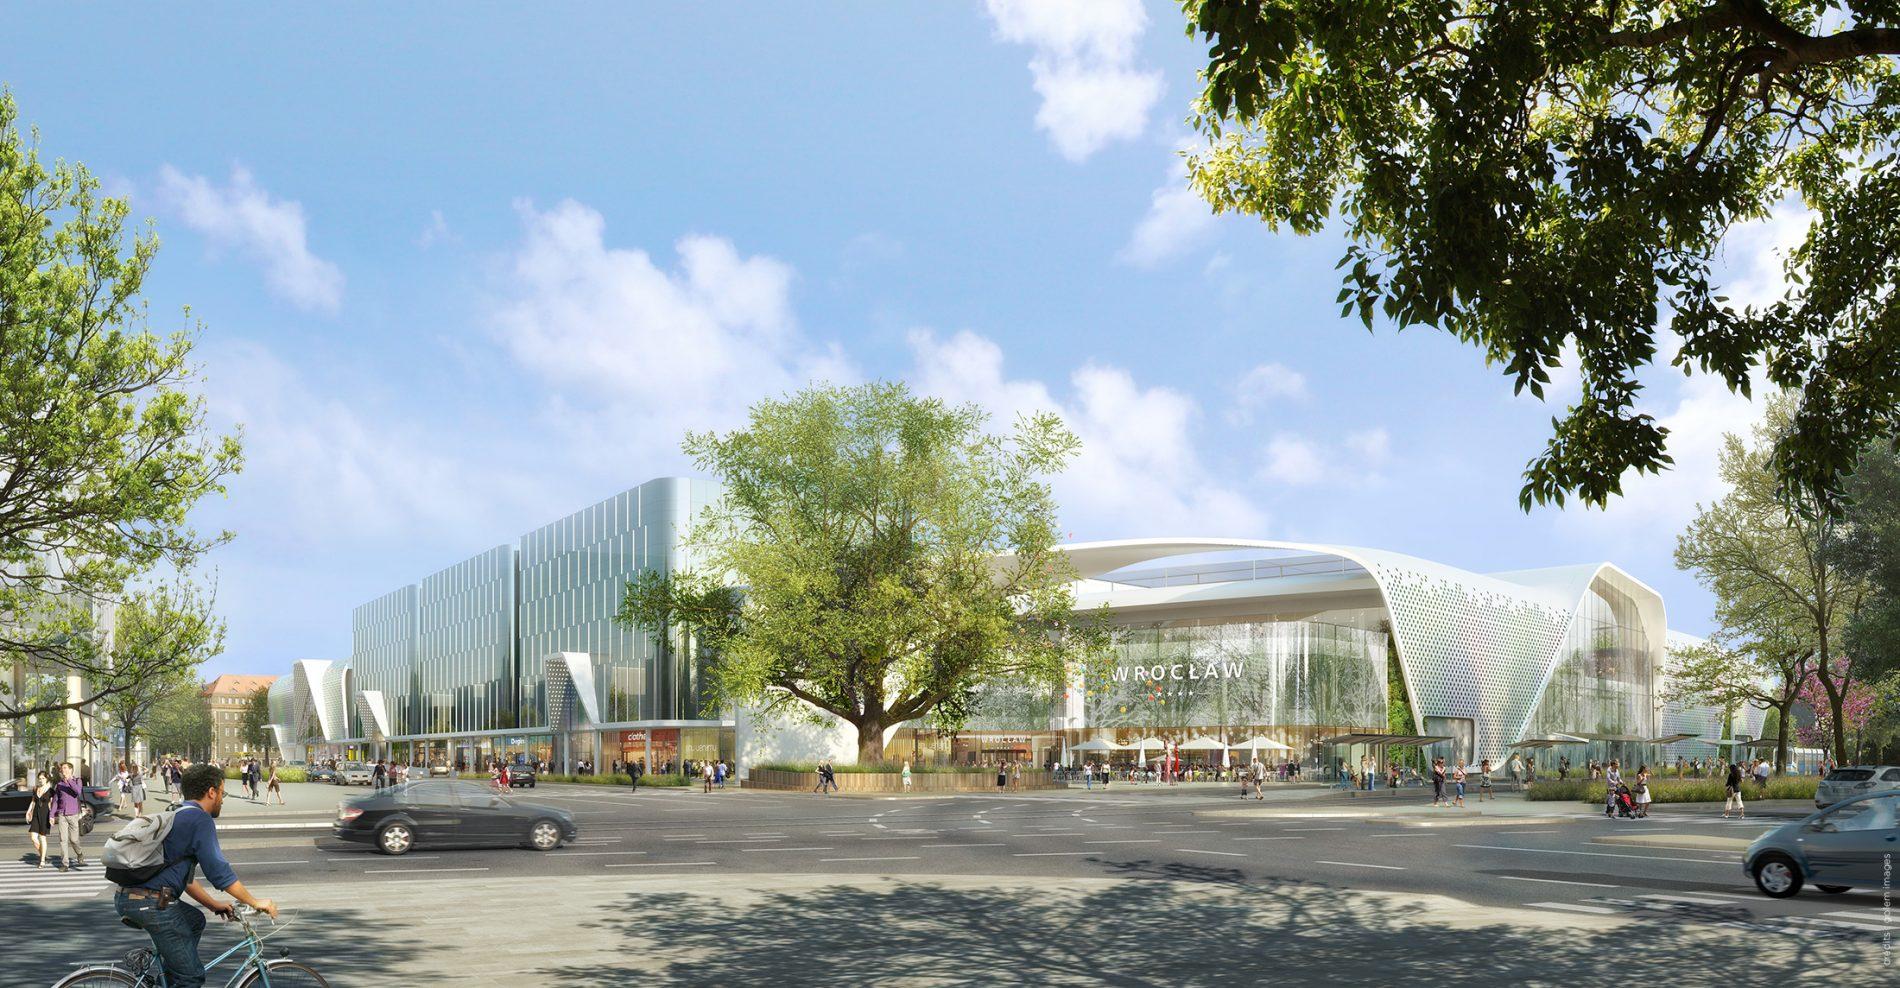 Image depuis la rue du concours d'architecture du centre commercial de Wroclow